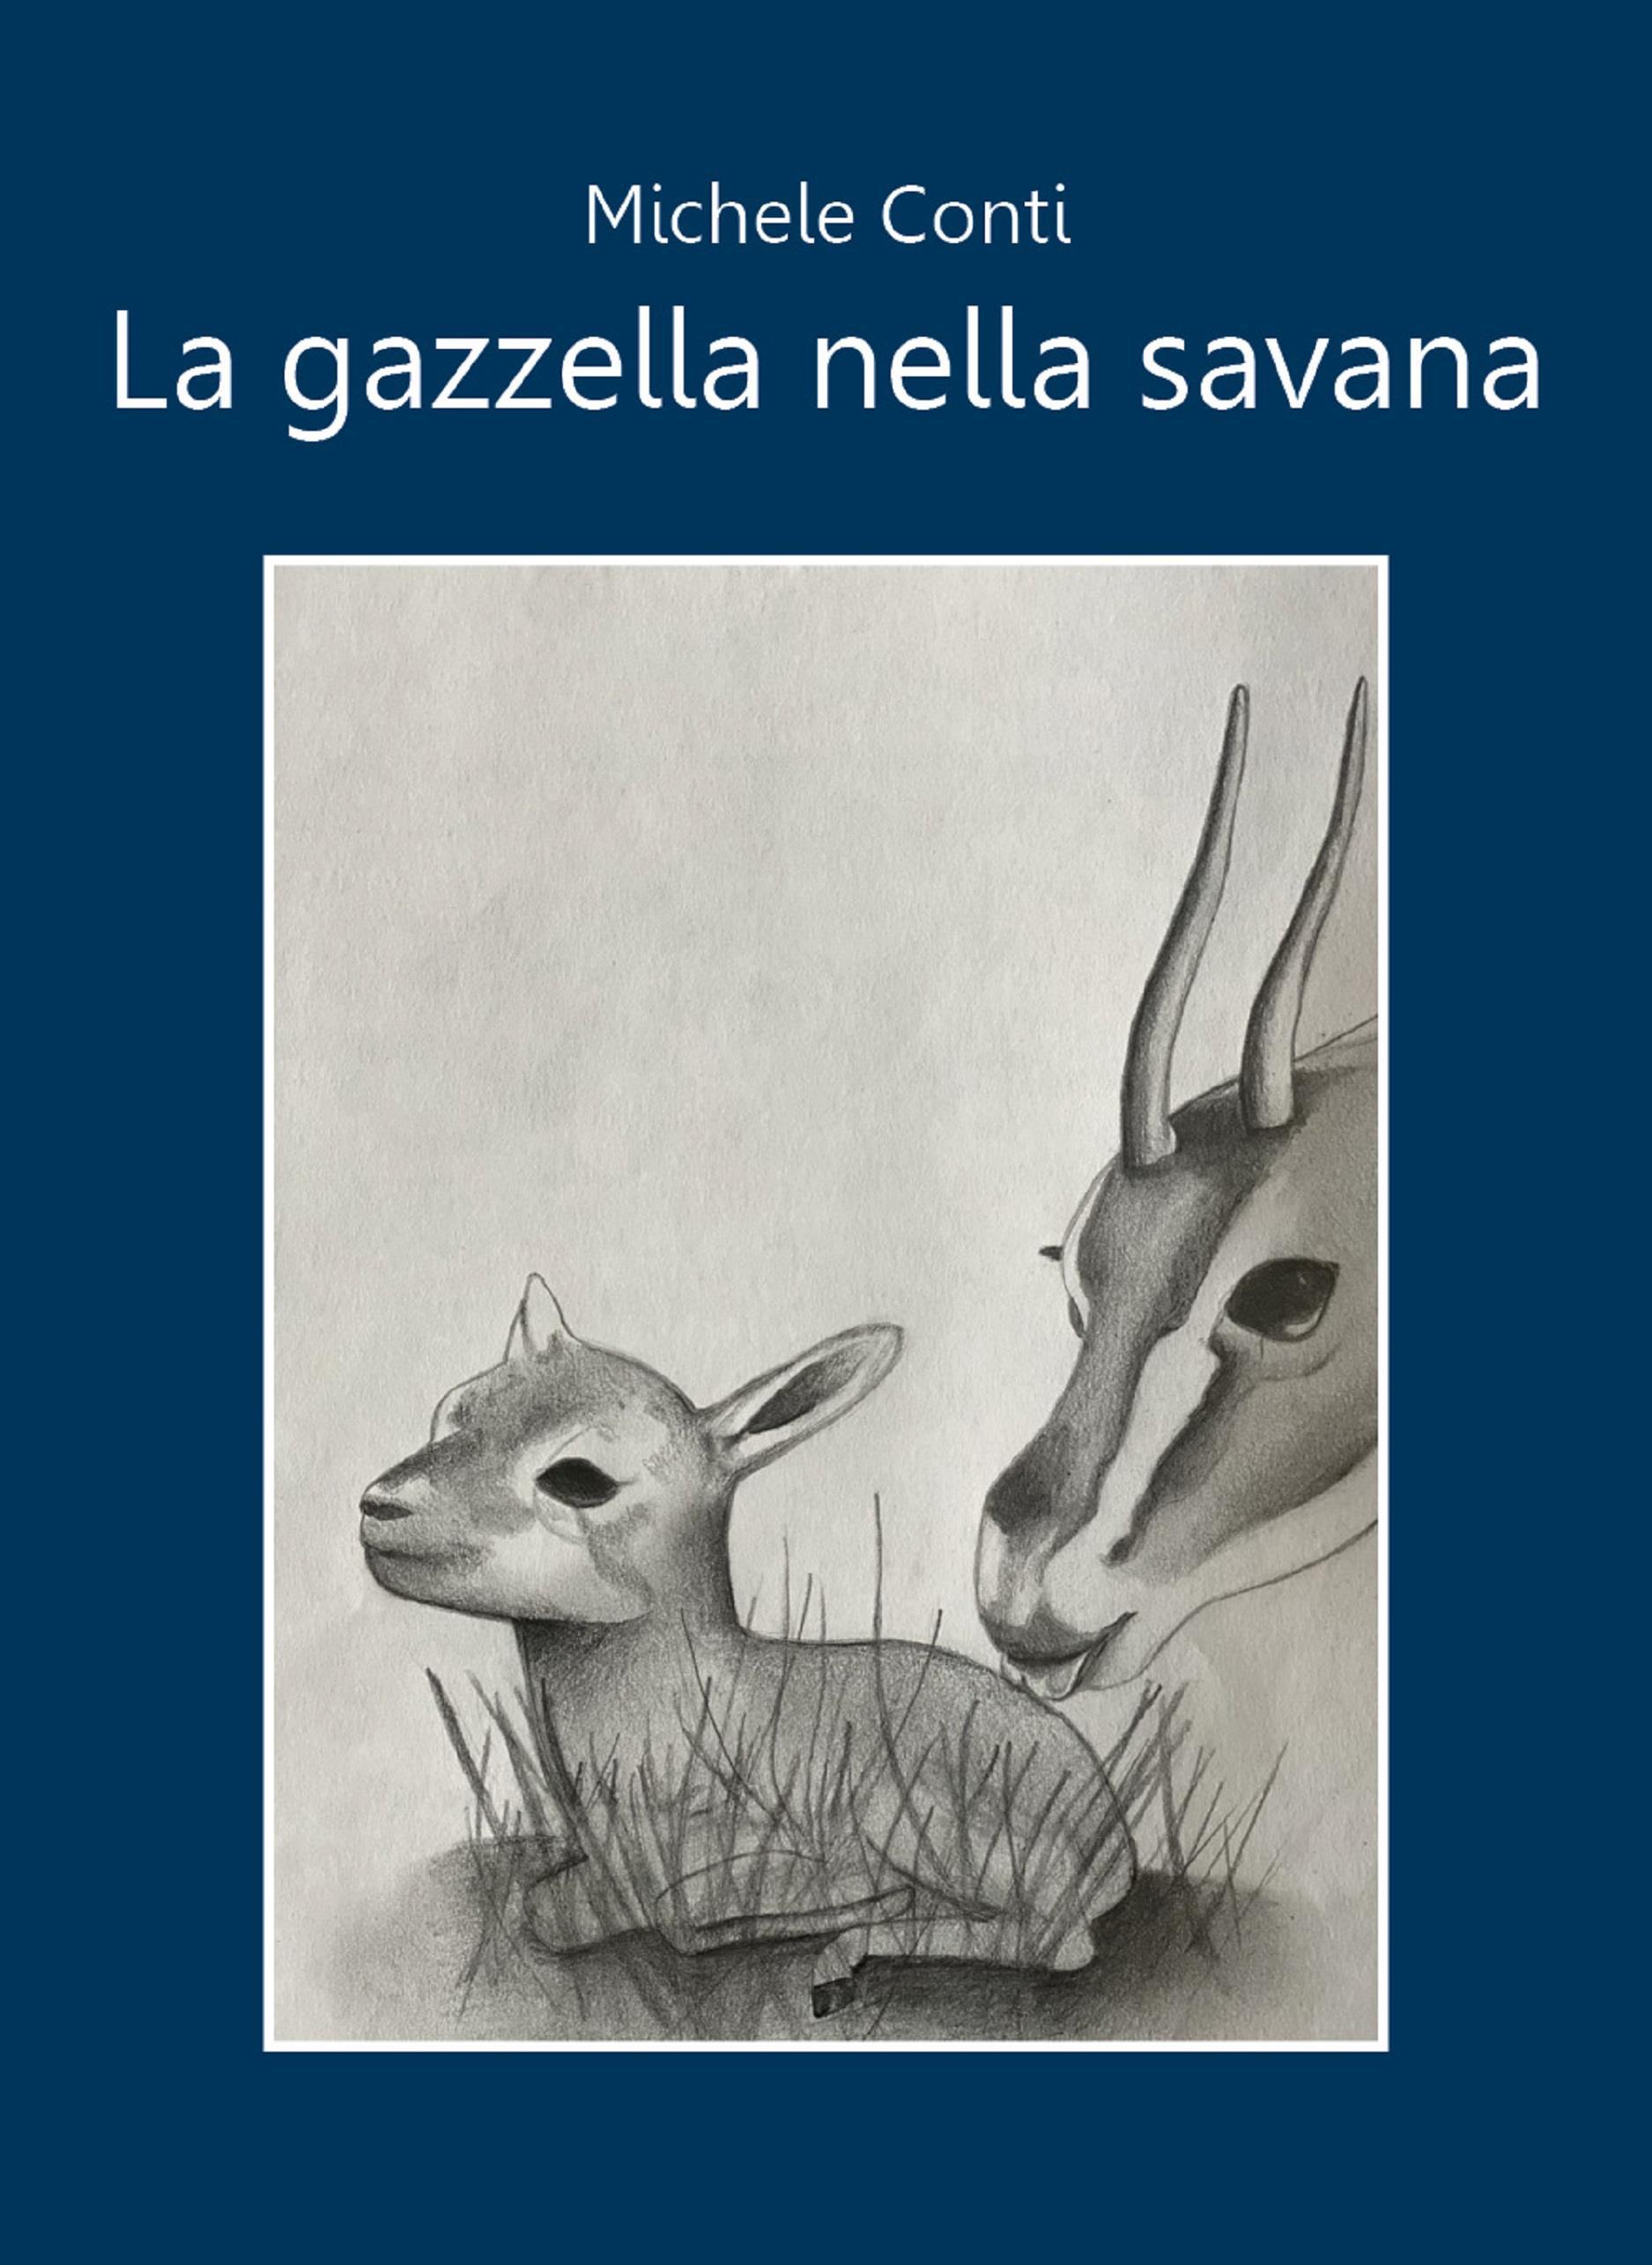 La gazzella nella savana